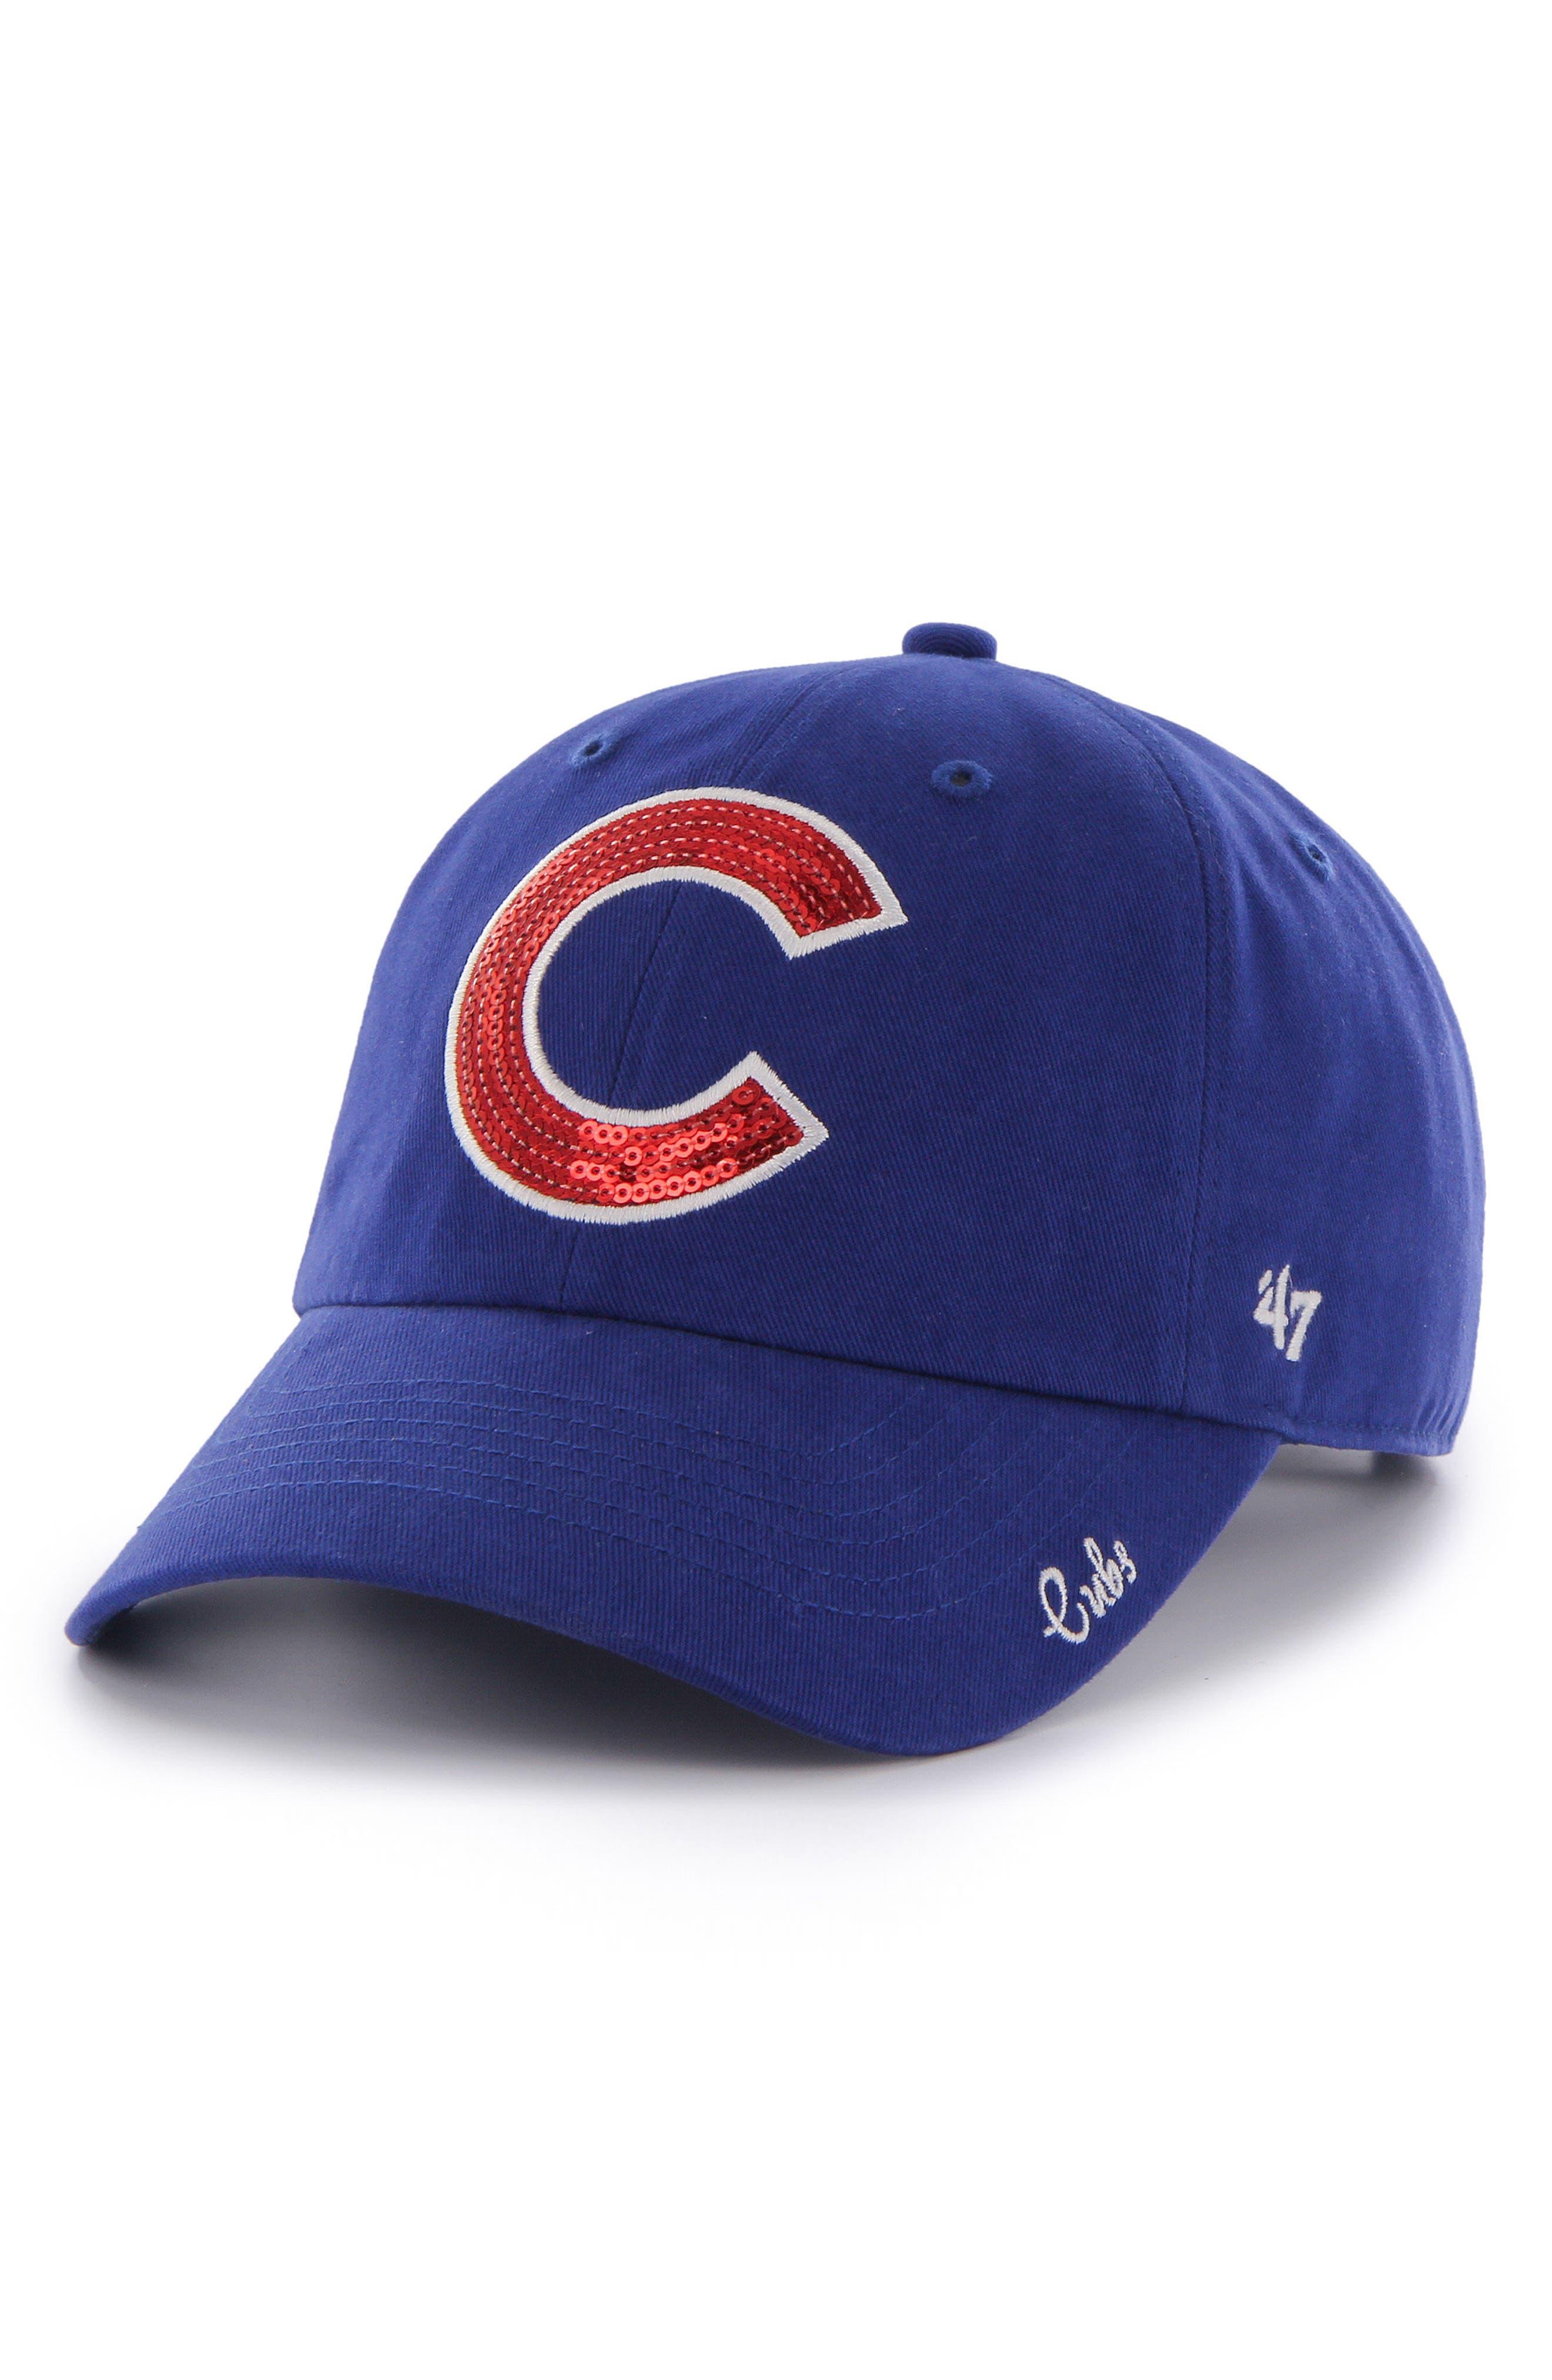 '47 Chicago Cubs Sparkle Baseball Cap